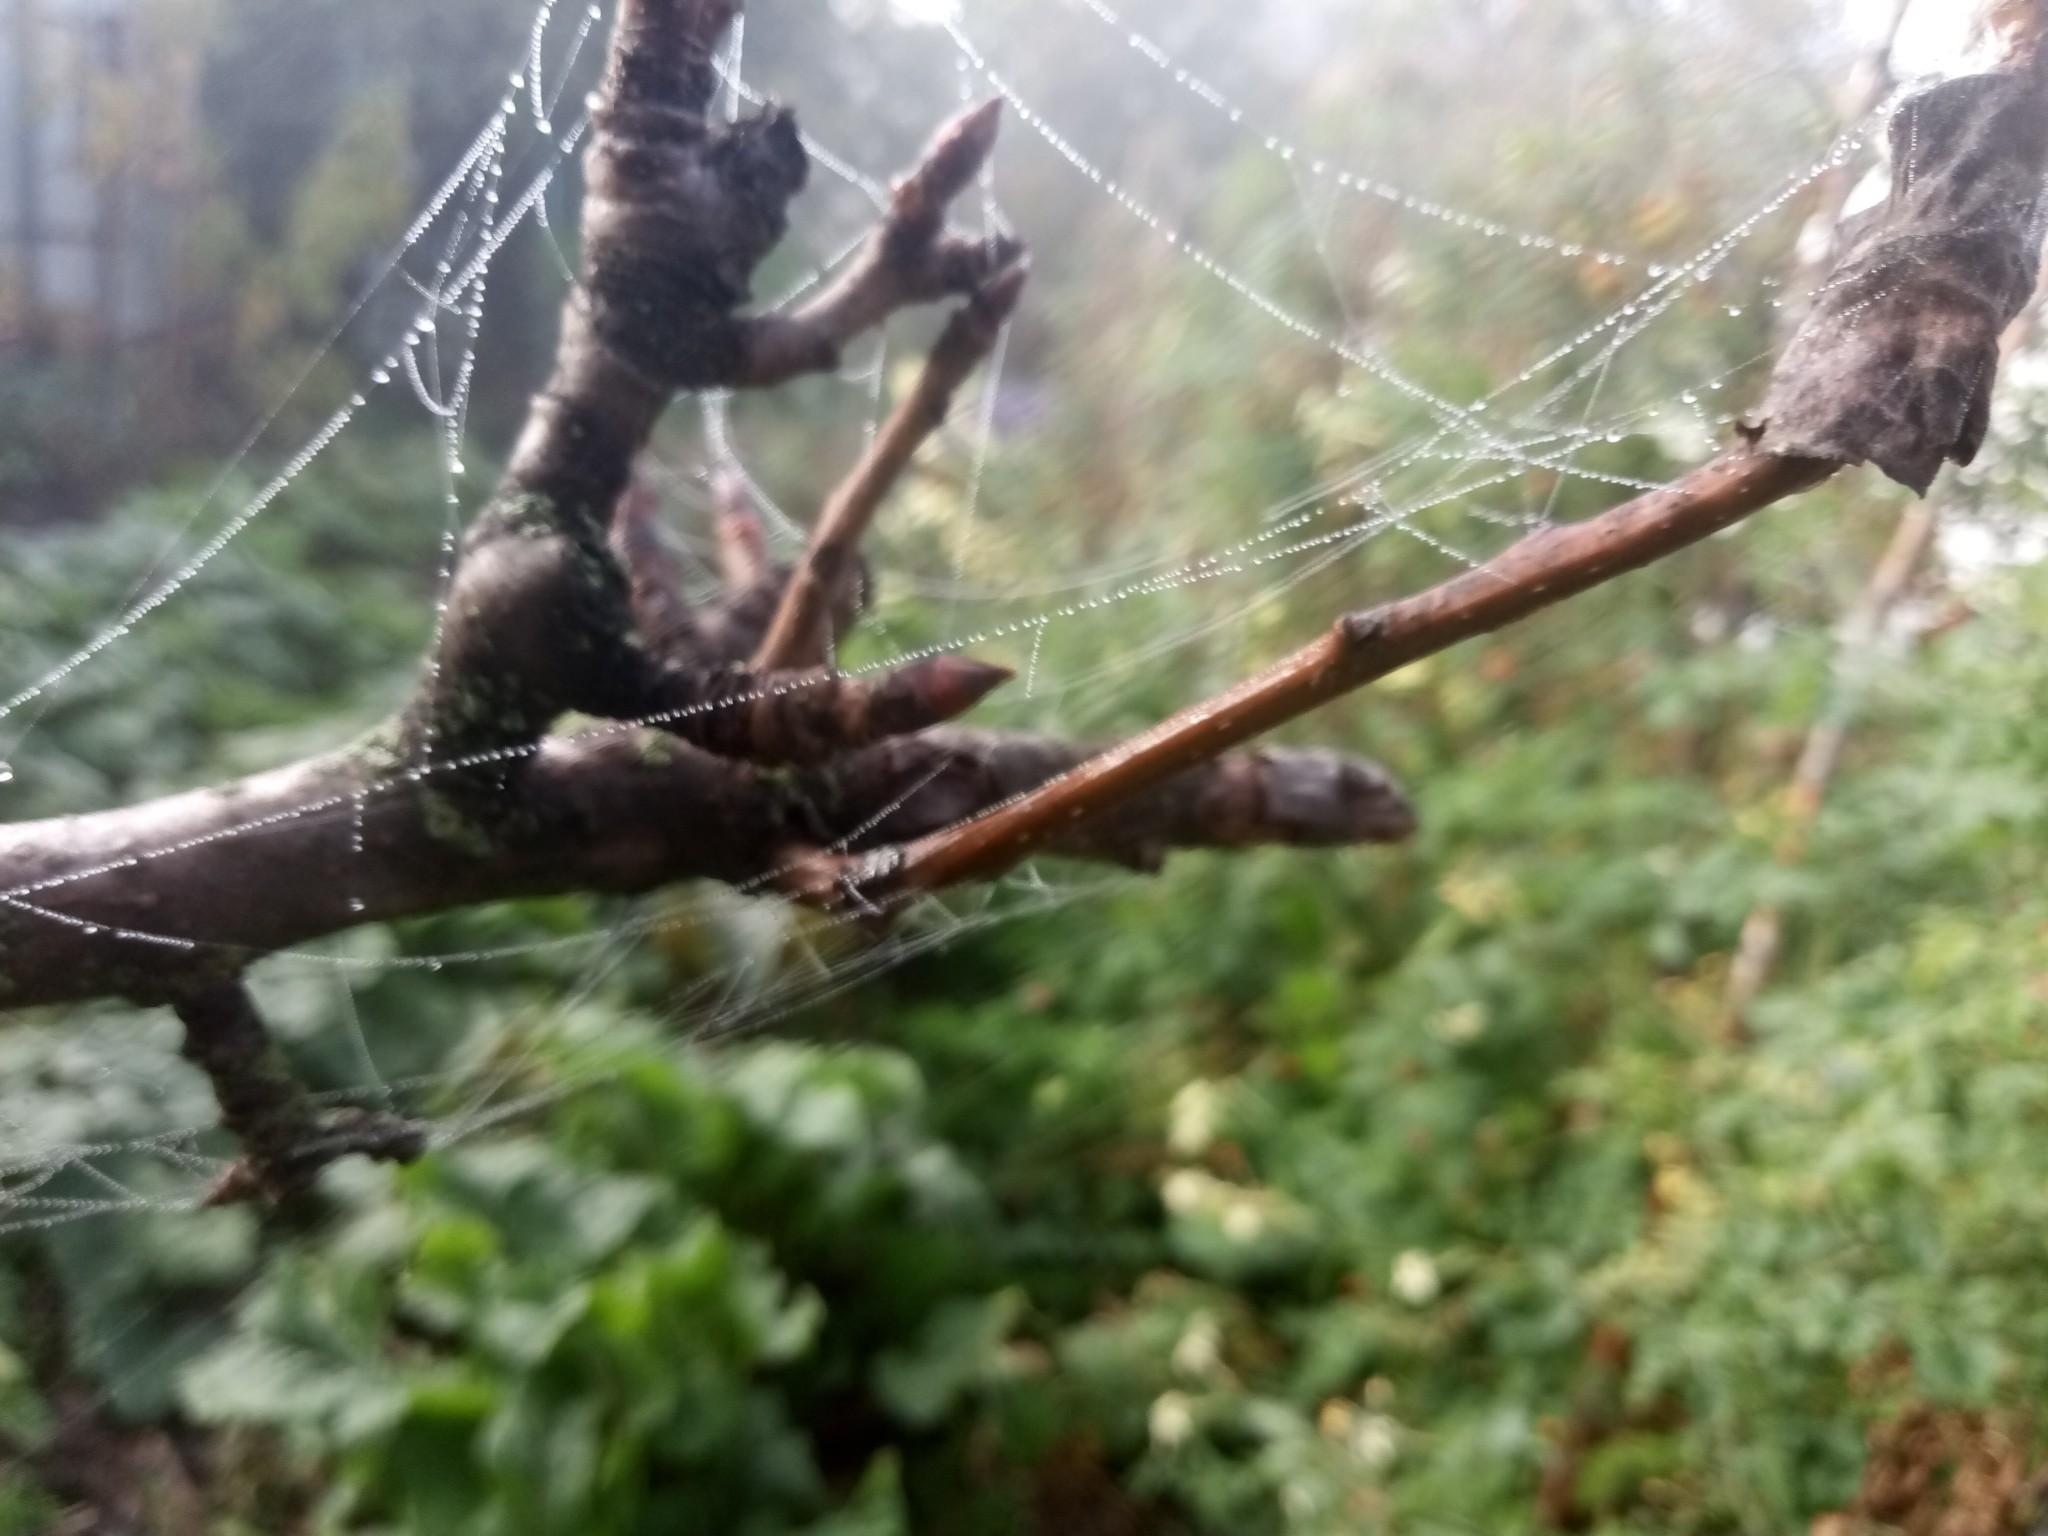 Spider web photo 6